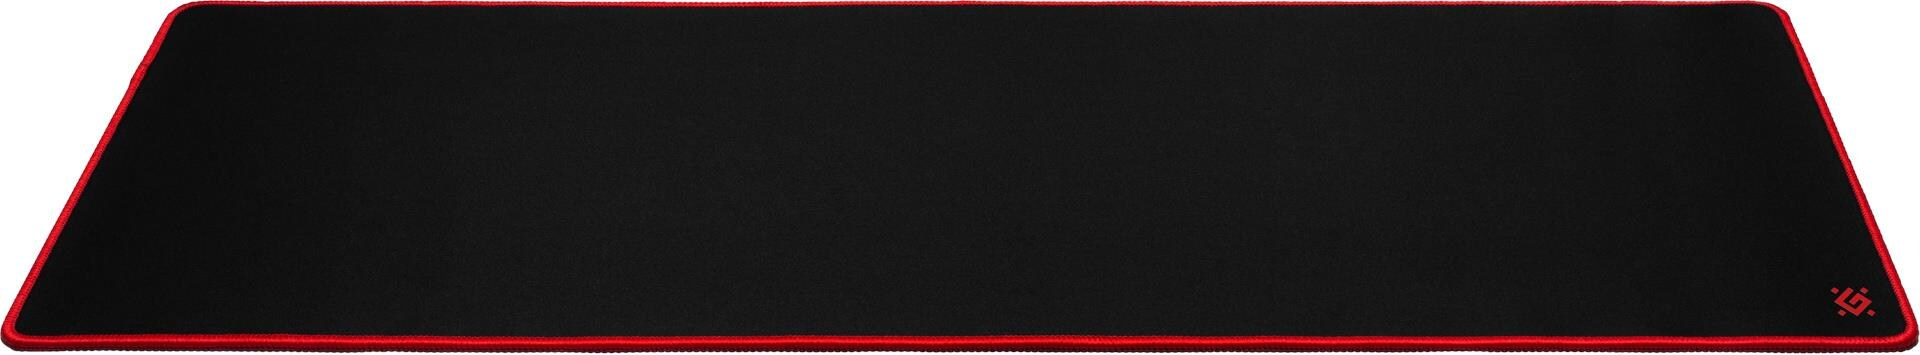 Podkładka Defender Gaming Black Ultra 800X300X3Mm - 1